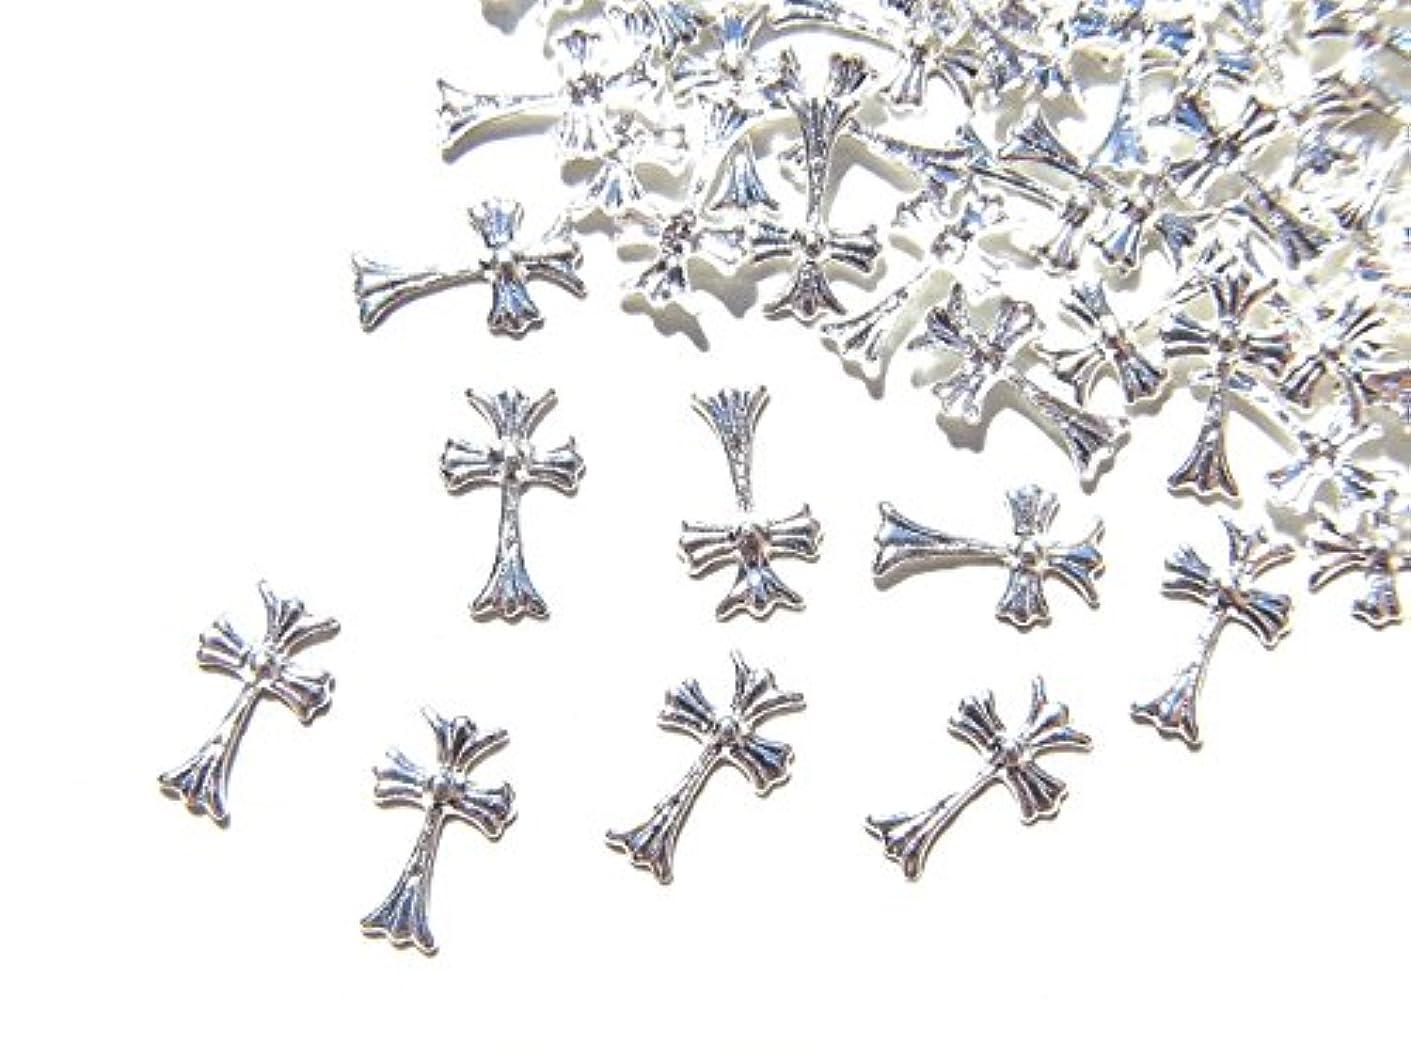 リスナー豊富豊富【jewel】シルバー メタルパーツ クロス (十字架) 10個入り 6mm×3.5mm 手芸 材料 レジン ネイルアート パーツ 素材